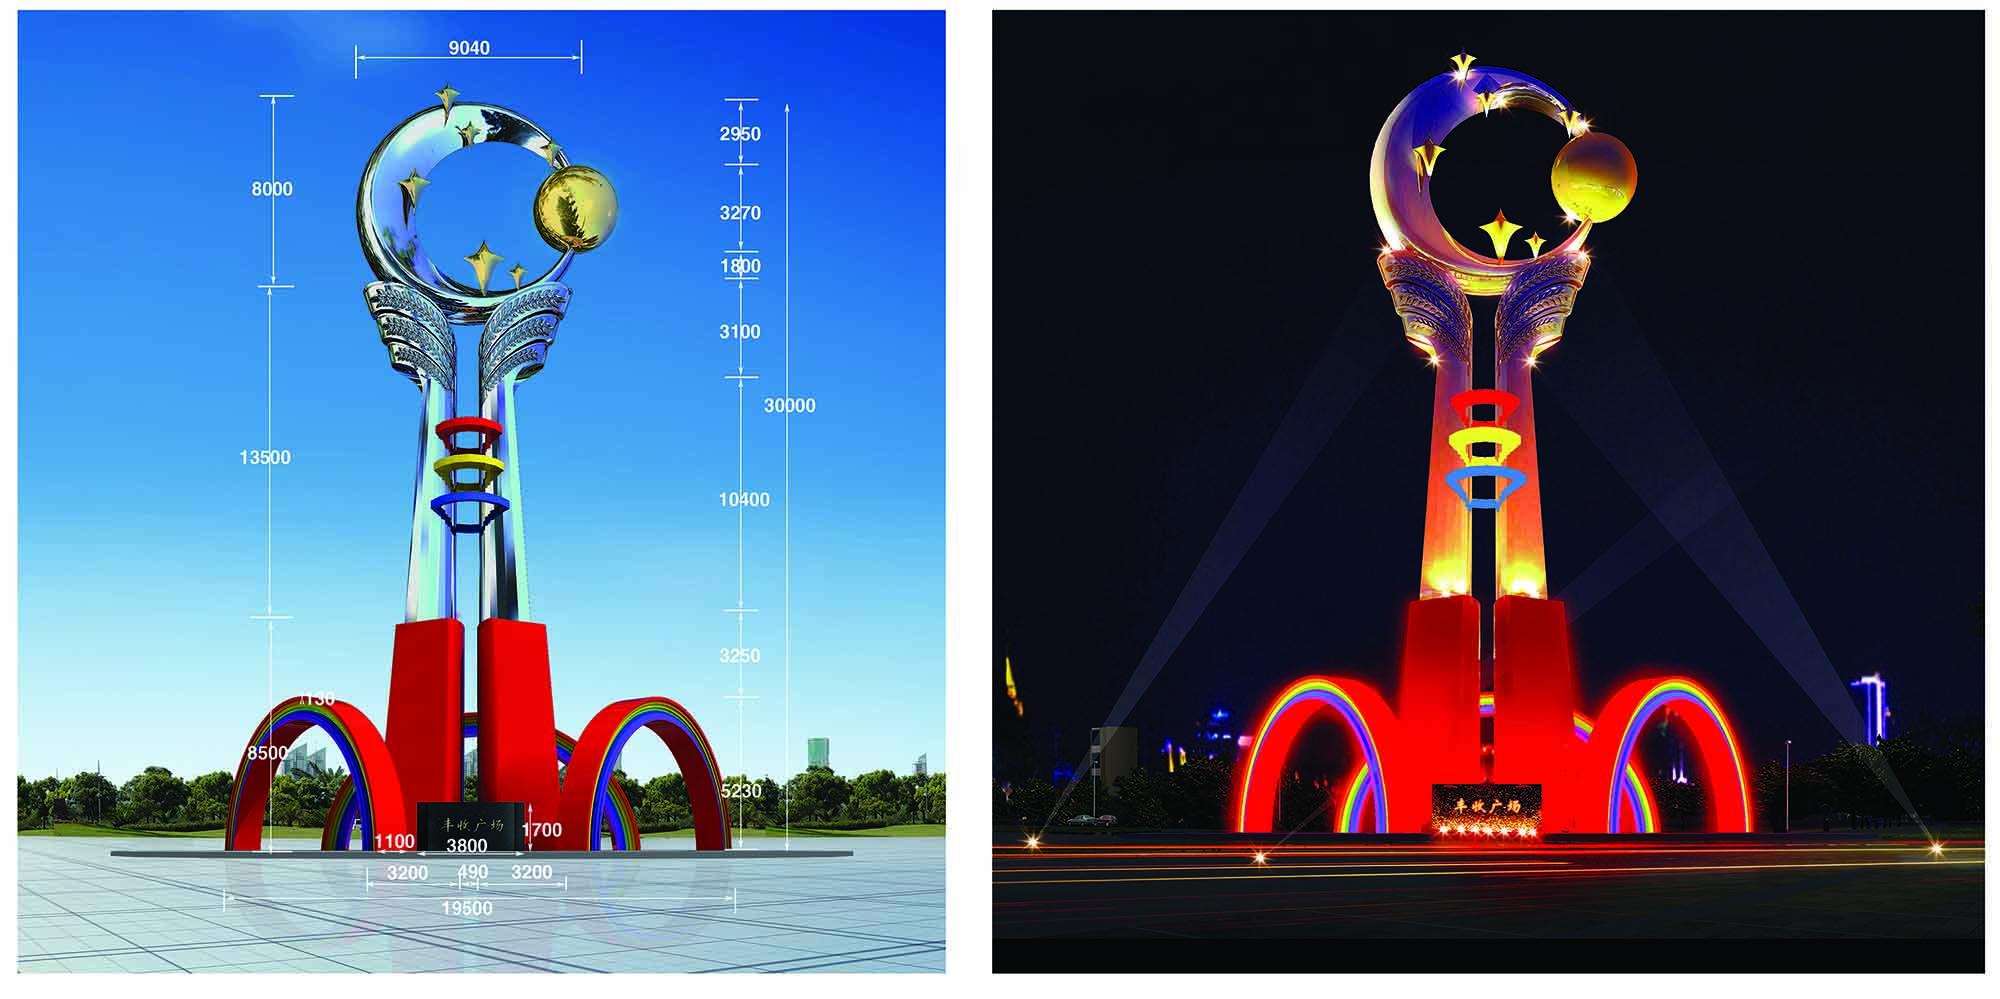 吉林不锈钢雕塑美观制作,沈阳鲁艺博展雕塑景观工程